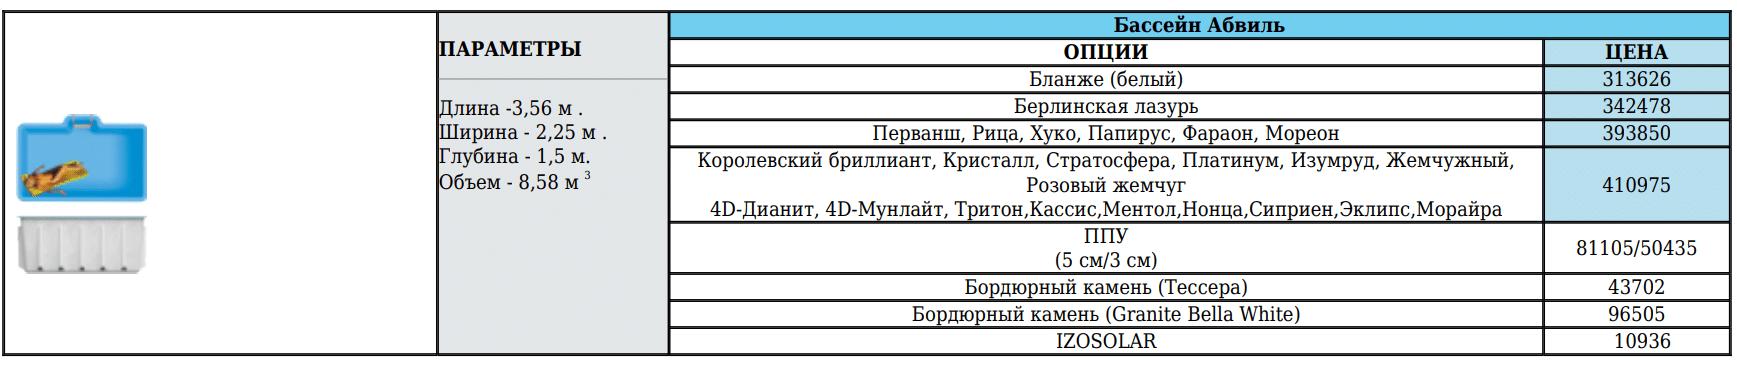 pic_8ce1d585821490ad66339bcf81a35ea1_1920x9000_1.png